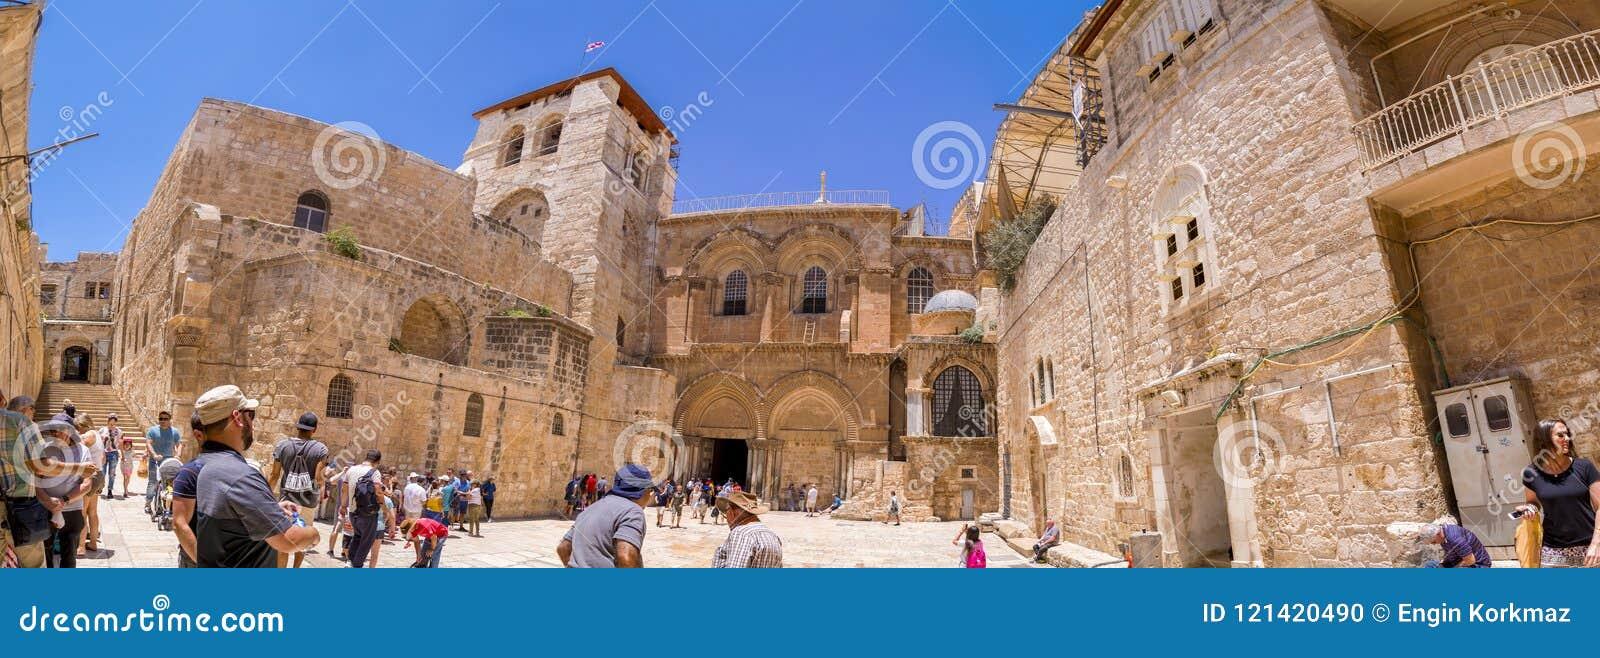 De Kerk van het Heilige Grafgewelf, Jeruzalem